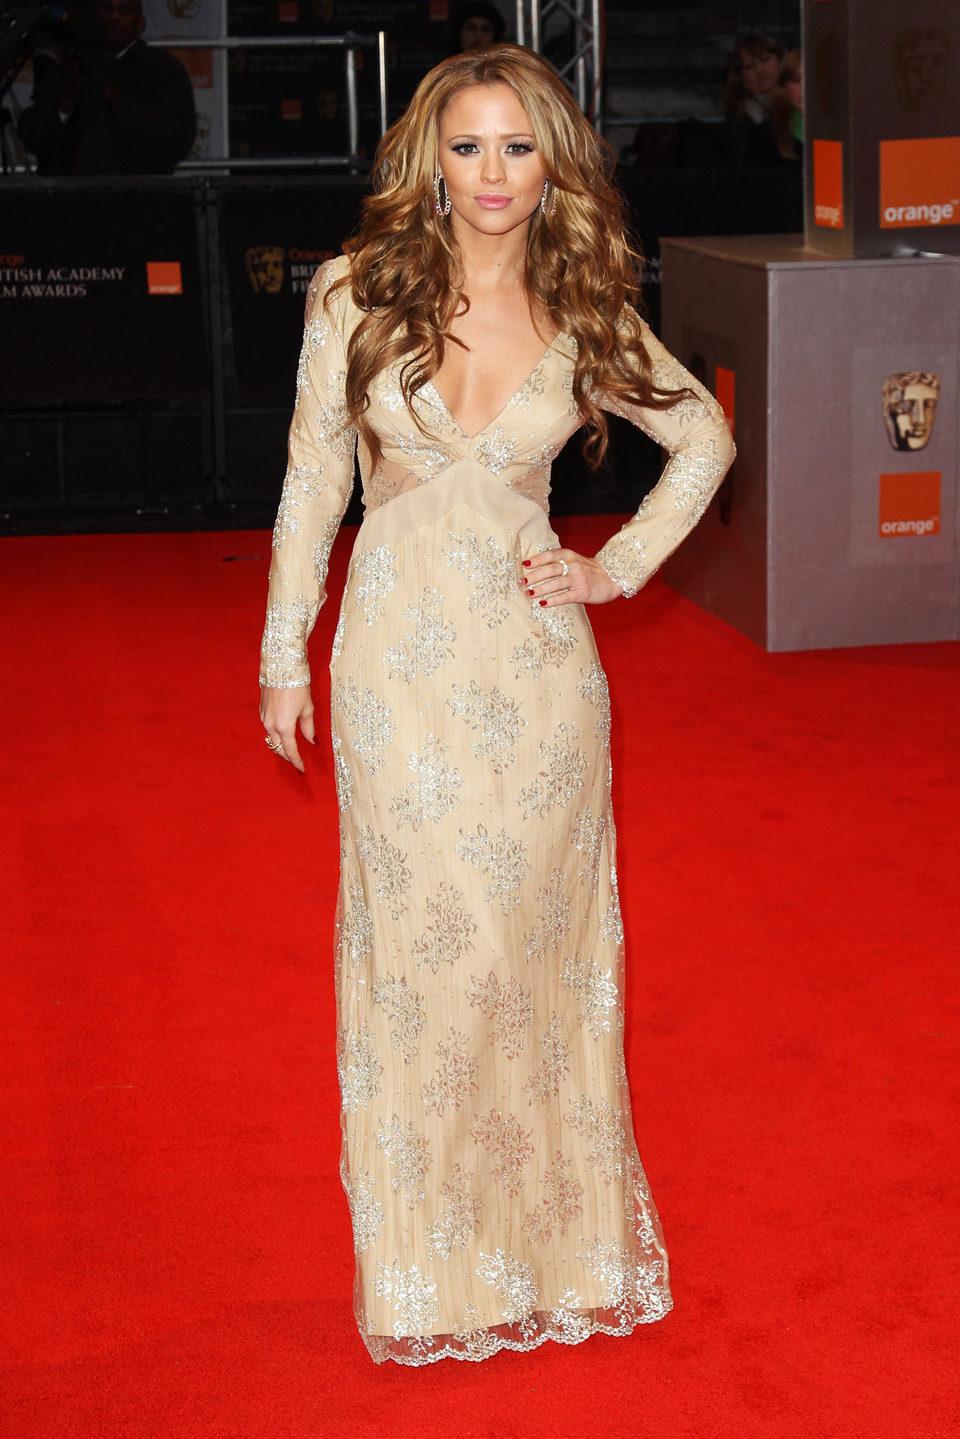 Kimberley Walsh de 'Girls Aloud' en los BAFTA 2011